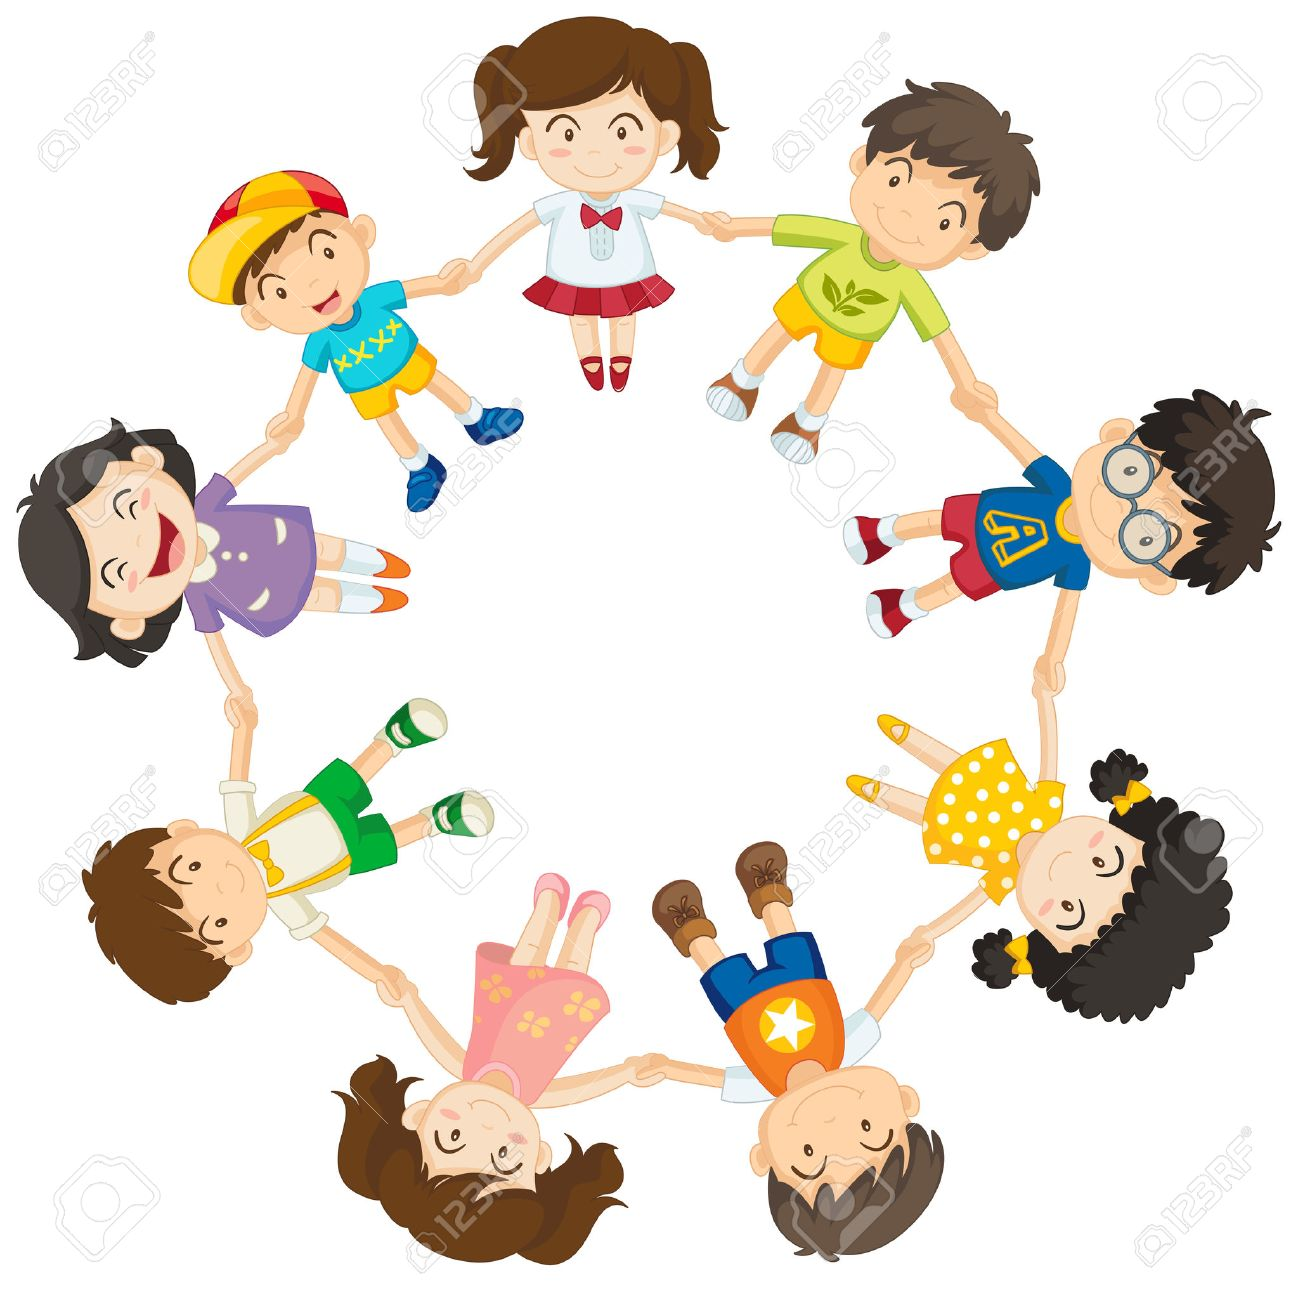 Kinderkreis clipart  Kinder Hand In Hand In Einem Kreis Lizenzfrei Nutzbare ...